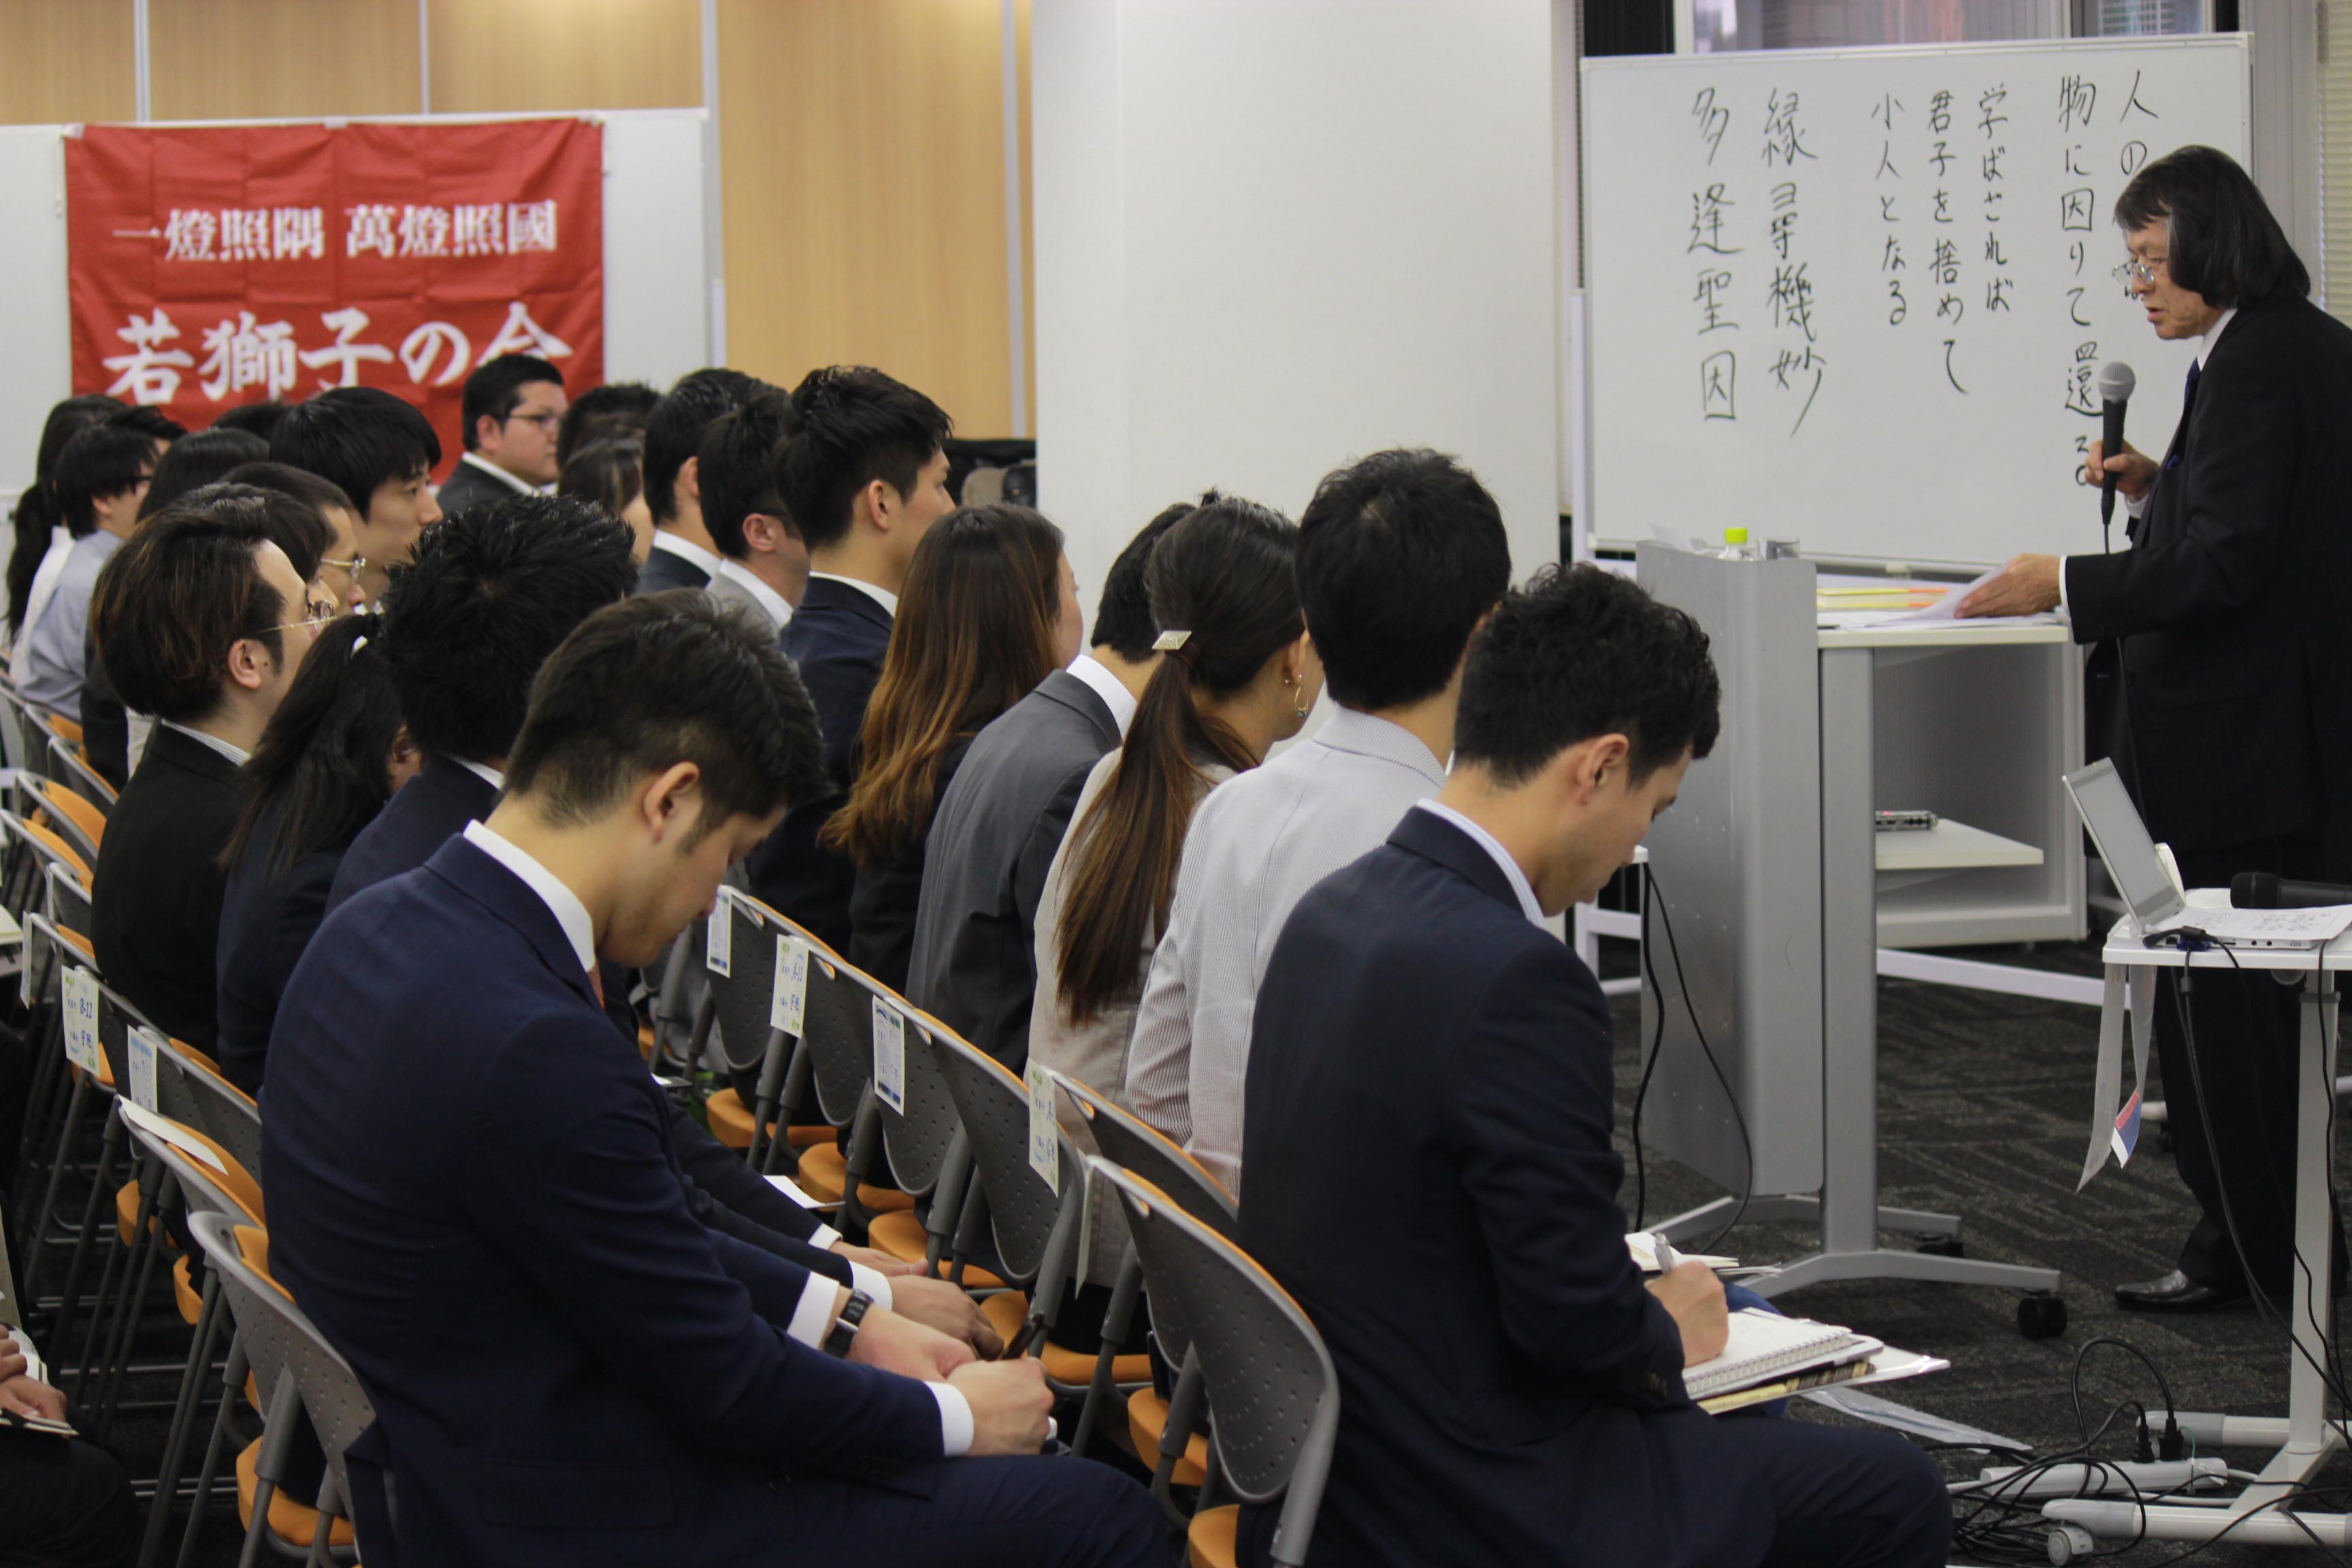 IMG 7841 - 7月20日関東若獅子の会